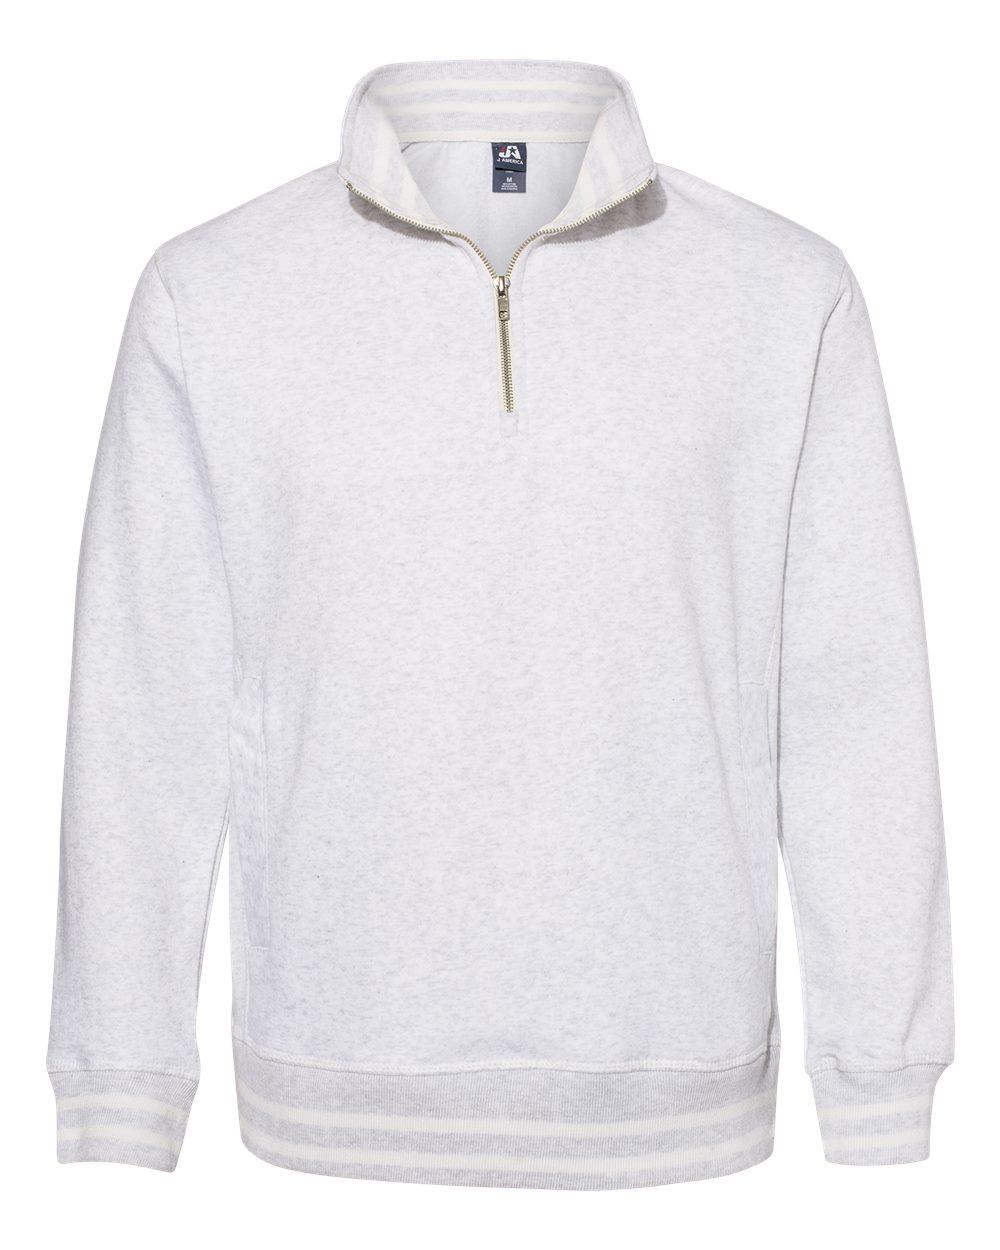 J. America - 8650 - Relay Fleece Quarter-Zip Sweatshirt